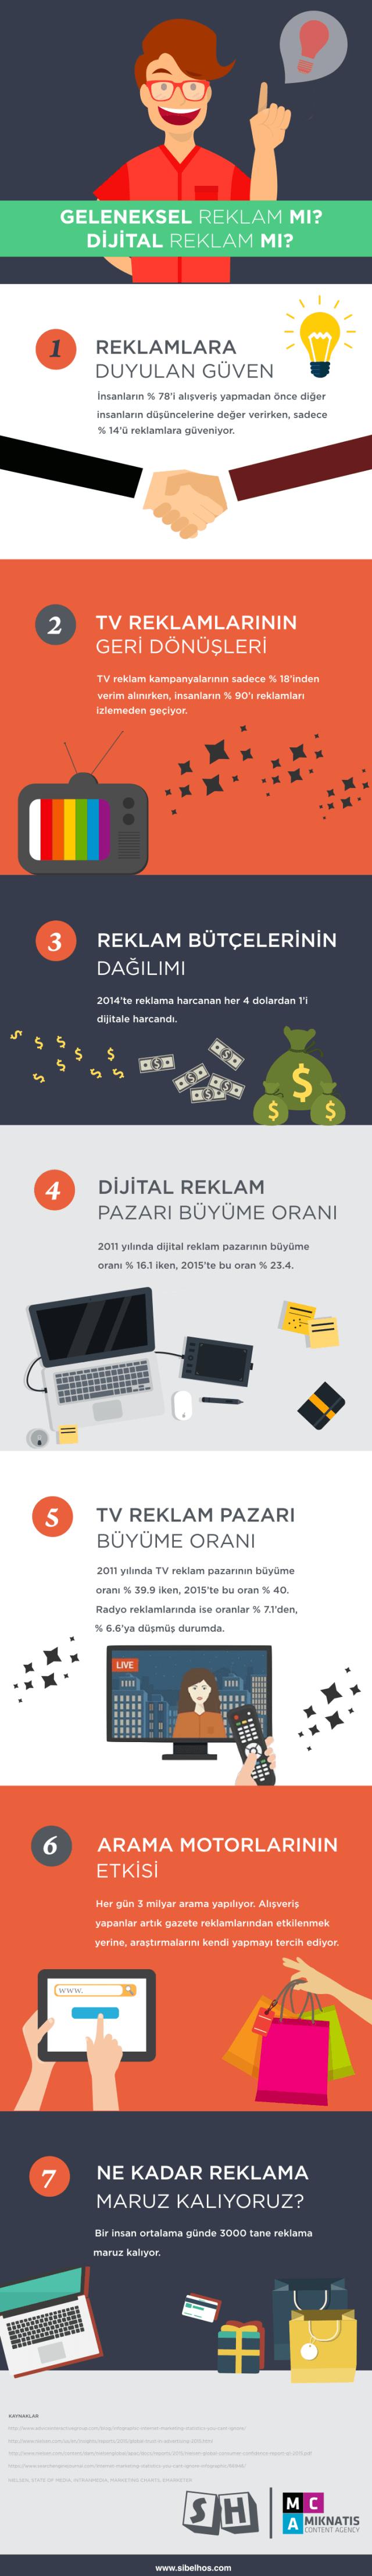 geleneksel-reklam-mi-dijital-reklam-mi-infografik-001-2